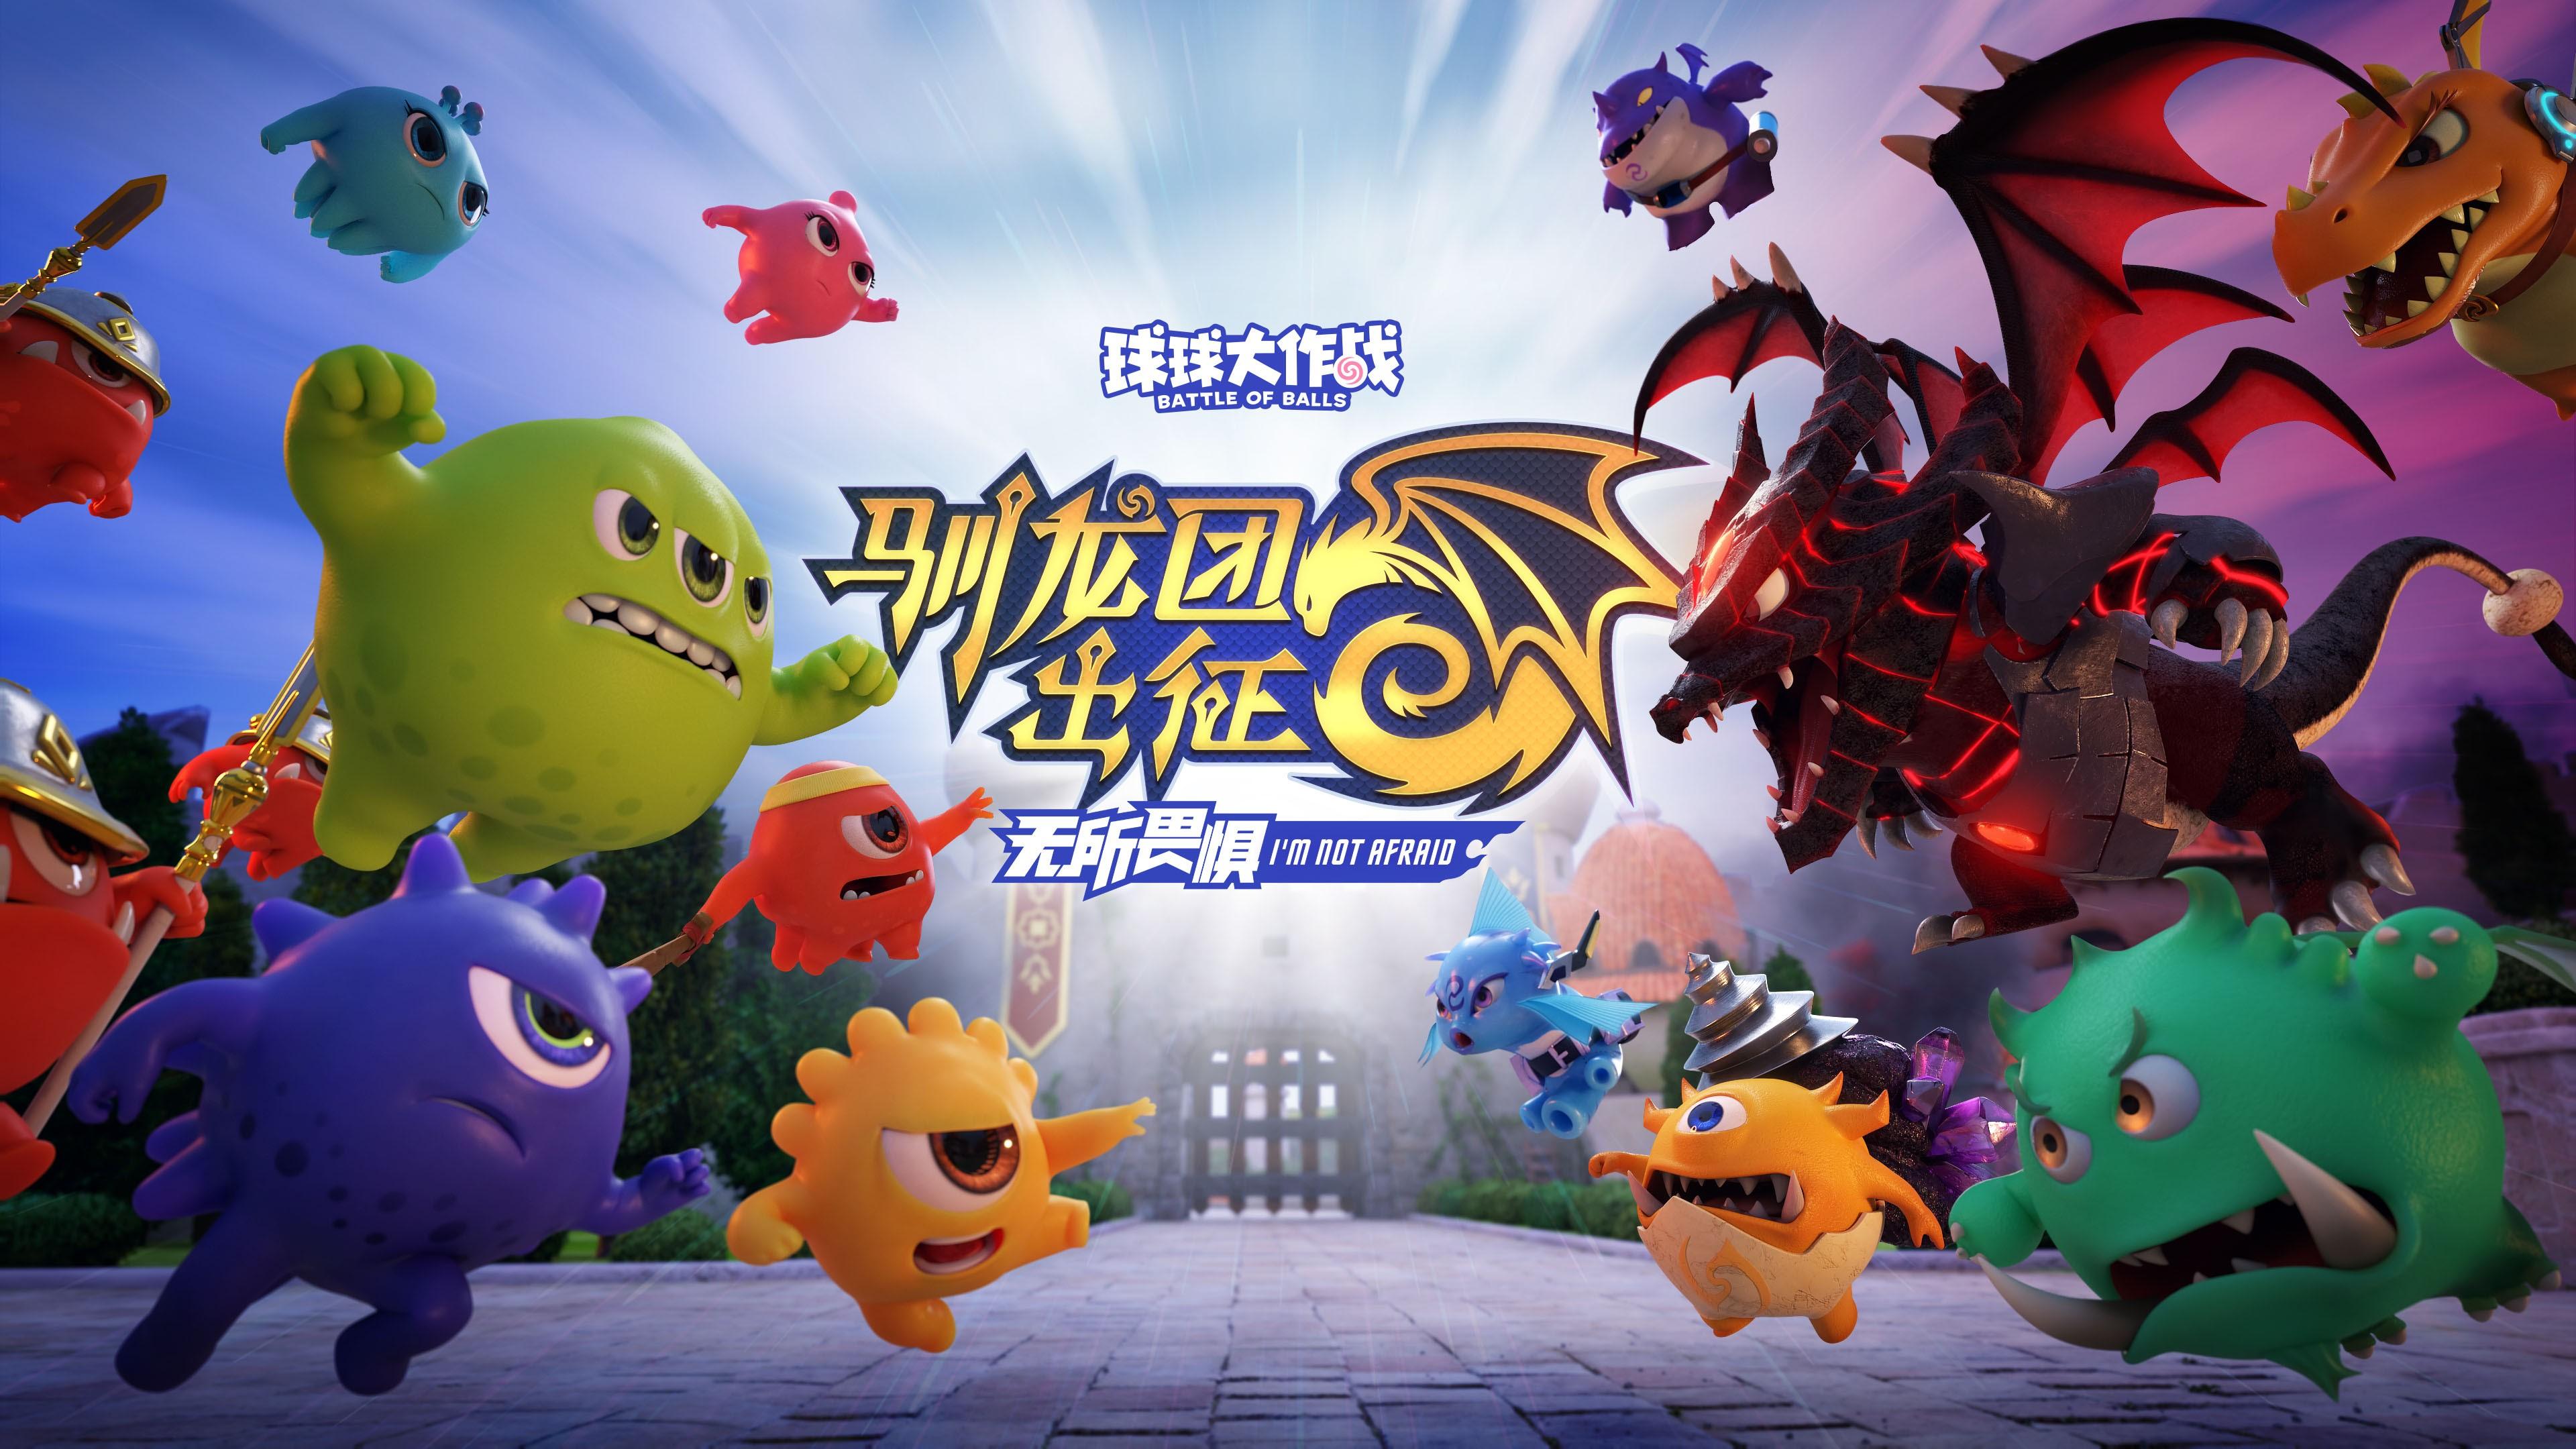 《球球大作战》年度CG曝光,全新资料片「驯龙团出征!」即将来袭